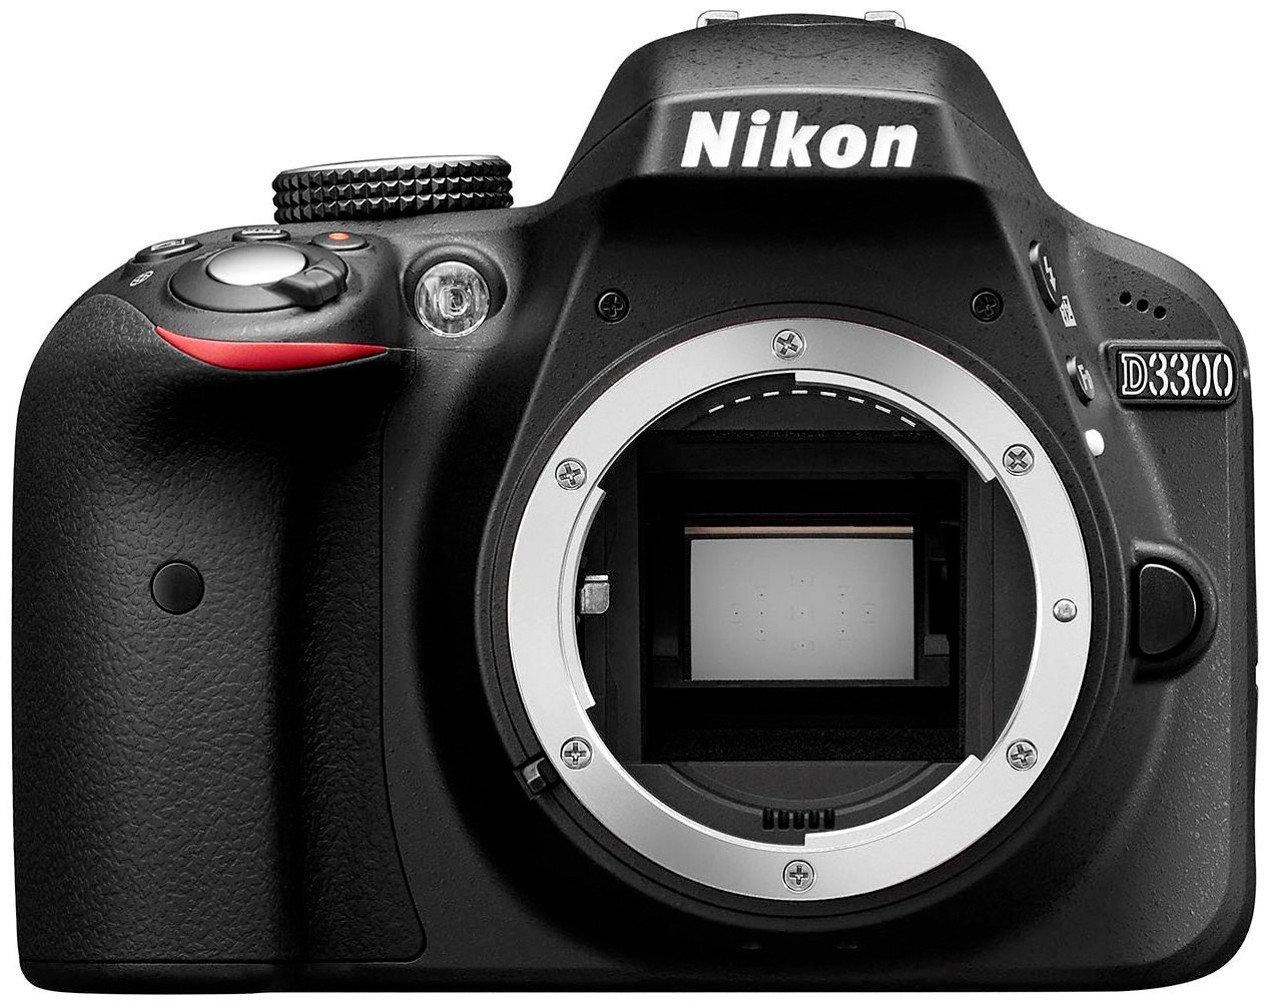 Nikon D3300 Fotocamera Reflex Digitale Solo Corpo, 24.2 Megapixel, LCD 3 Pollici, Nero [Versione EU] product image